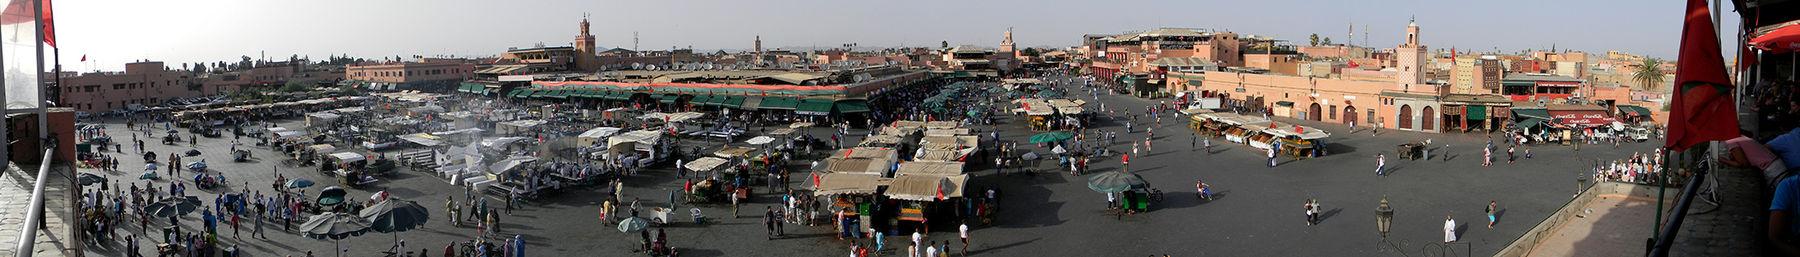 Marrakesh banner.jpg